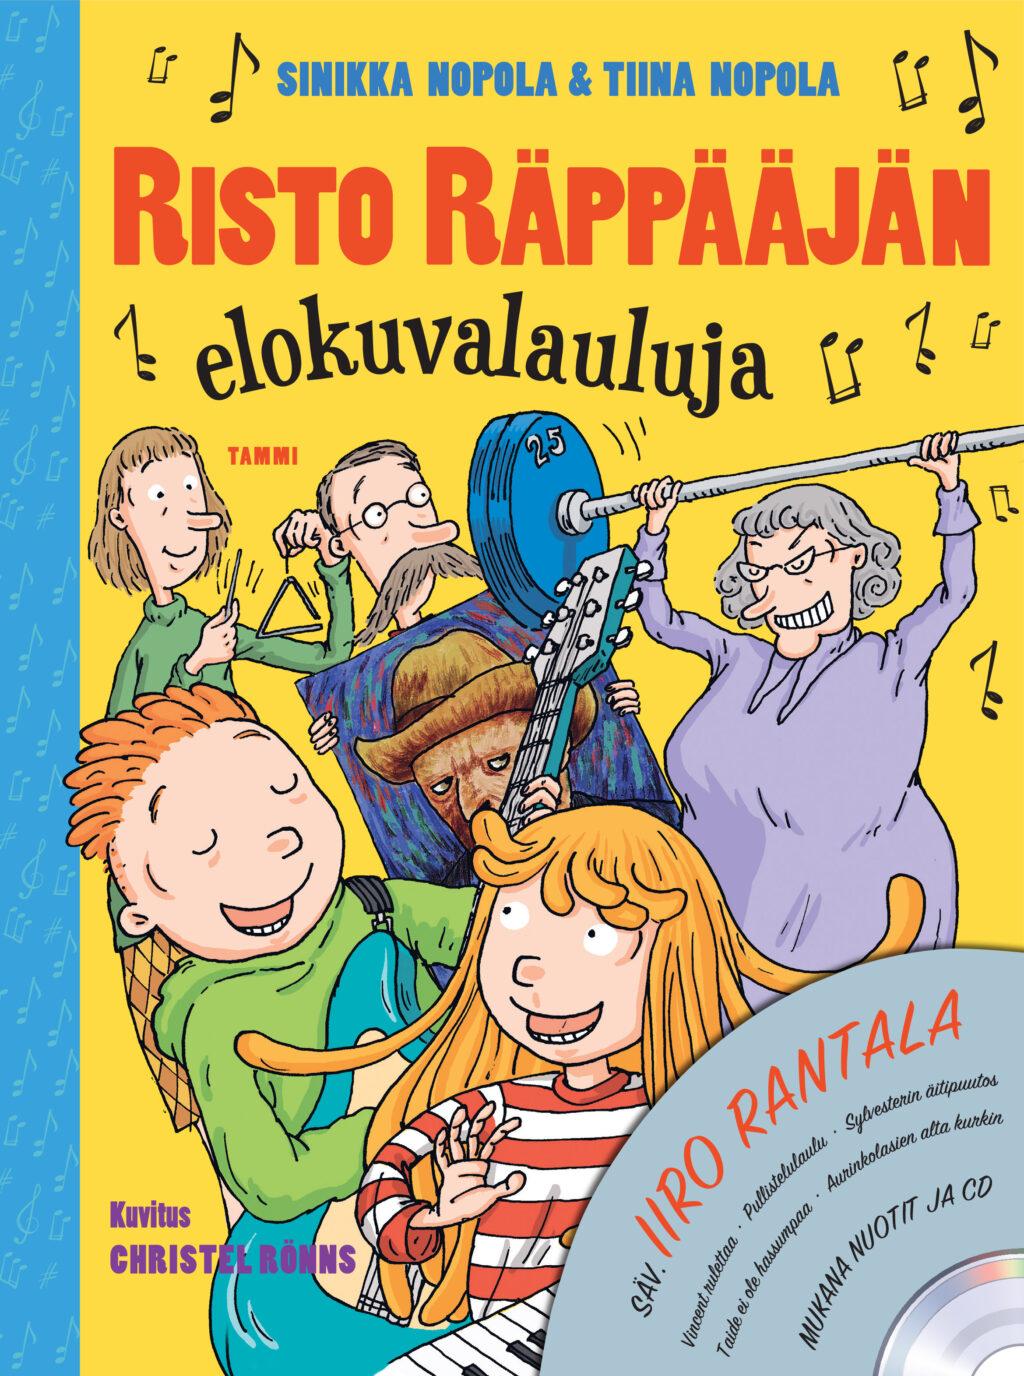 Risto Räppääjän elokuvalauluja 2020